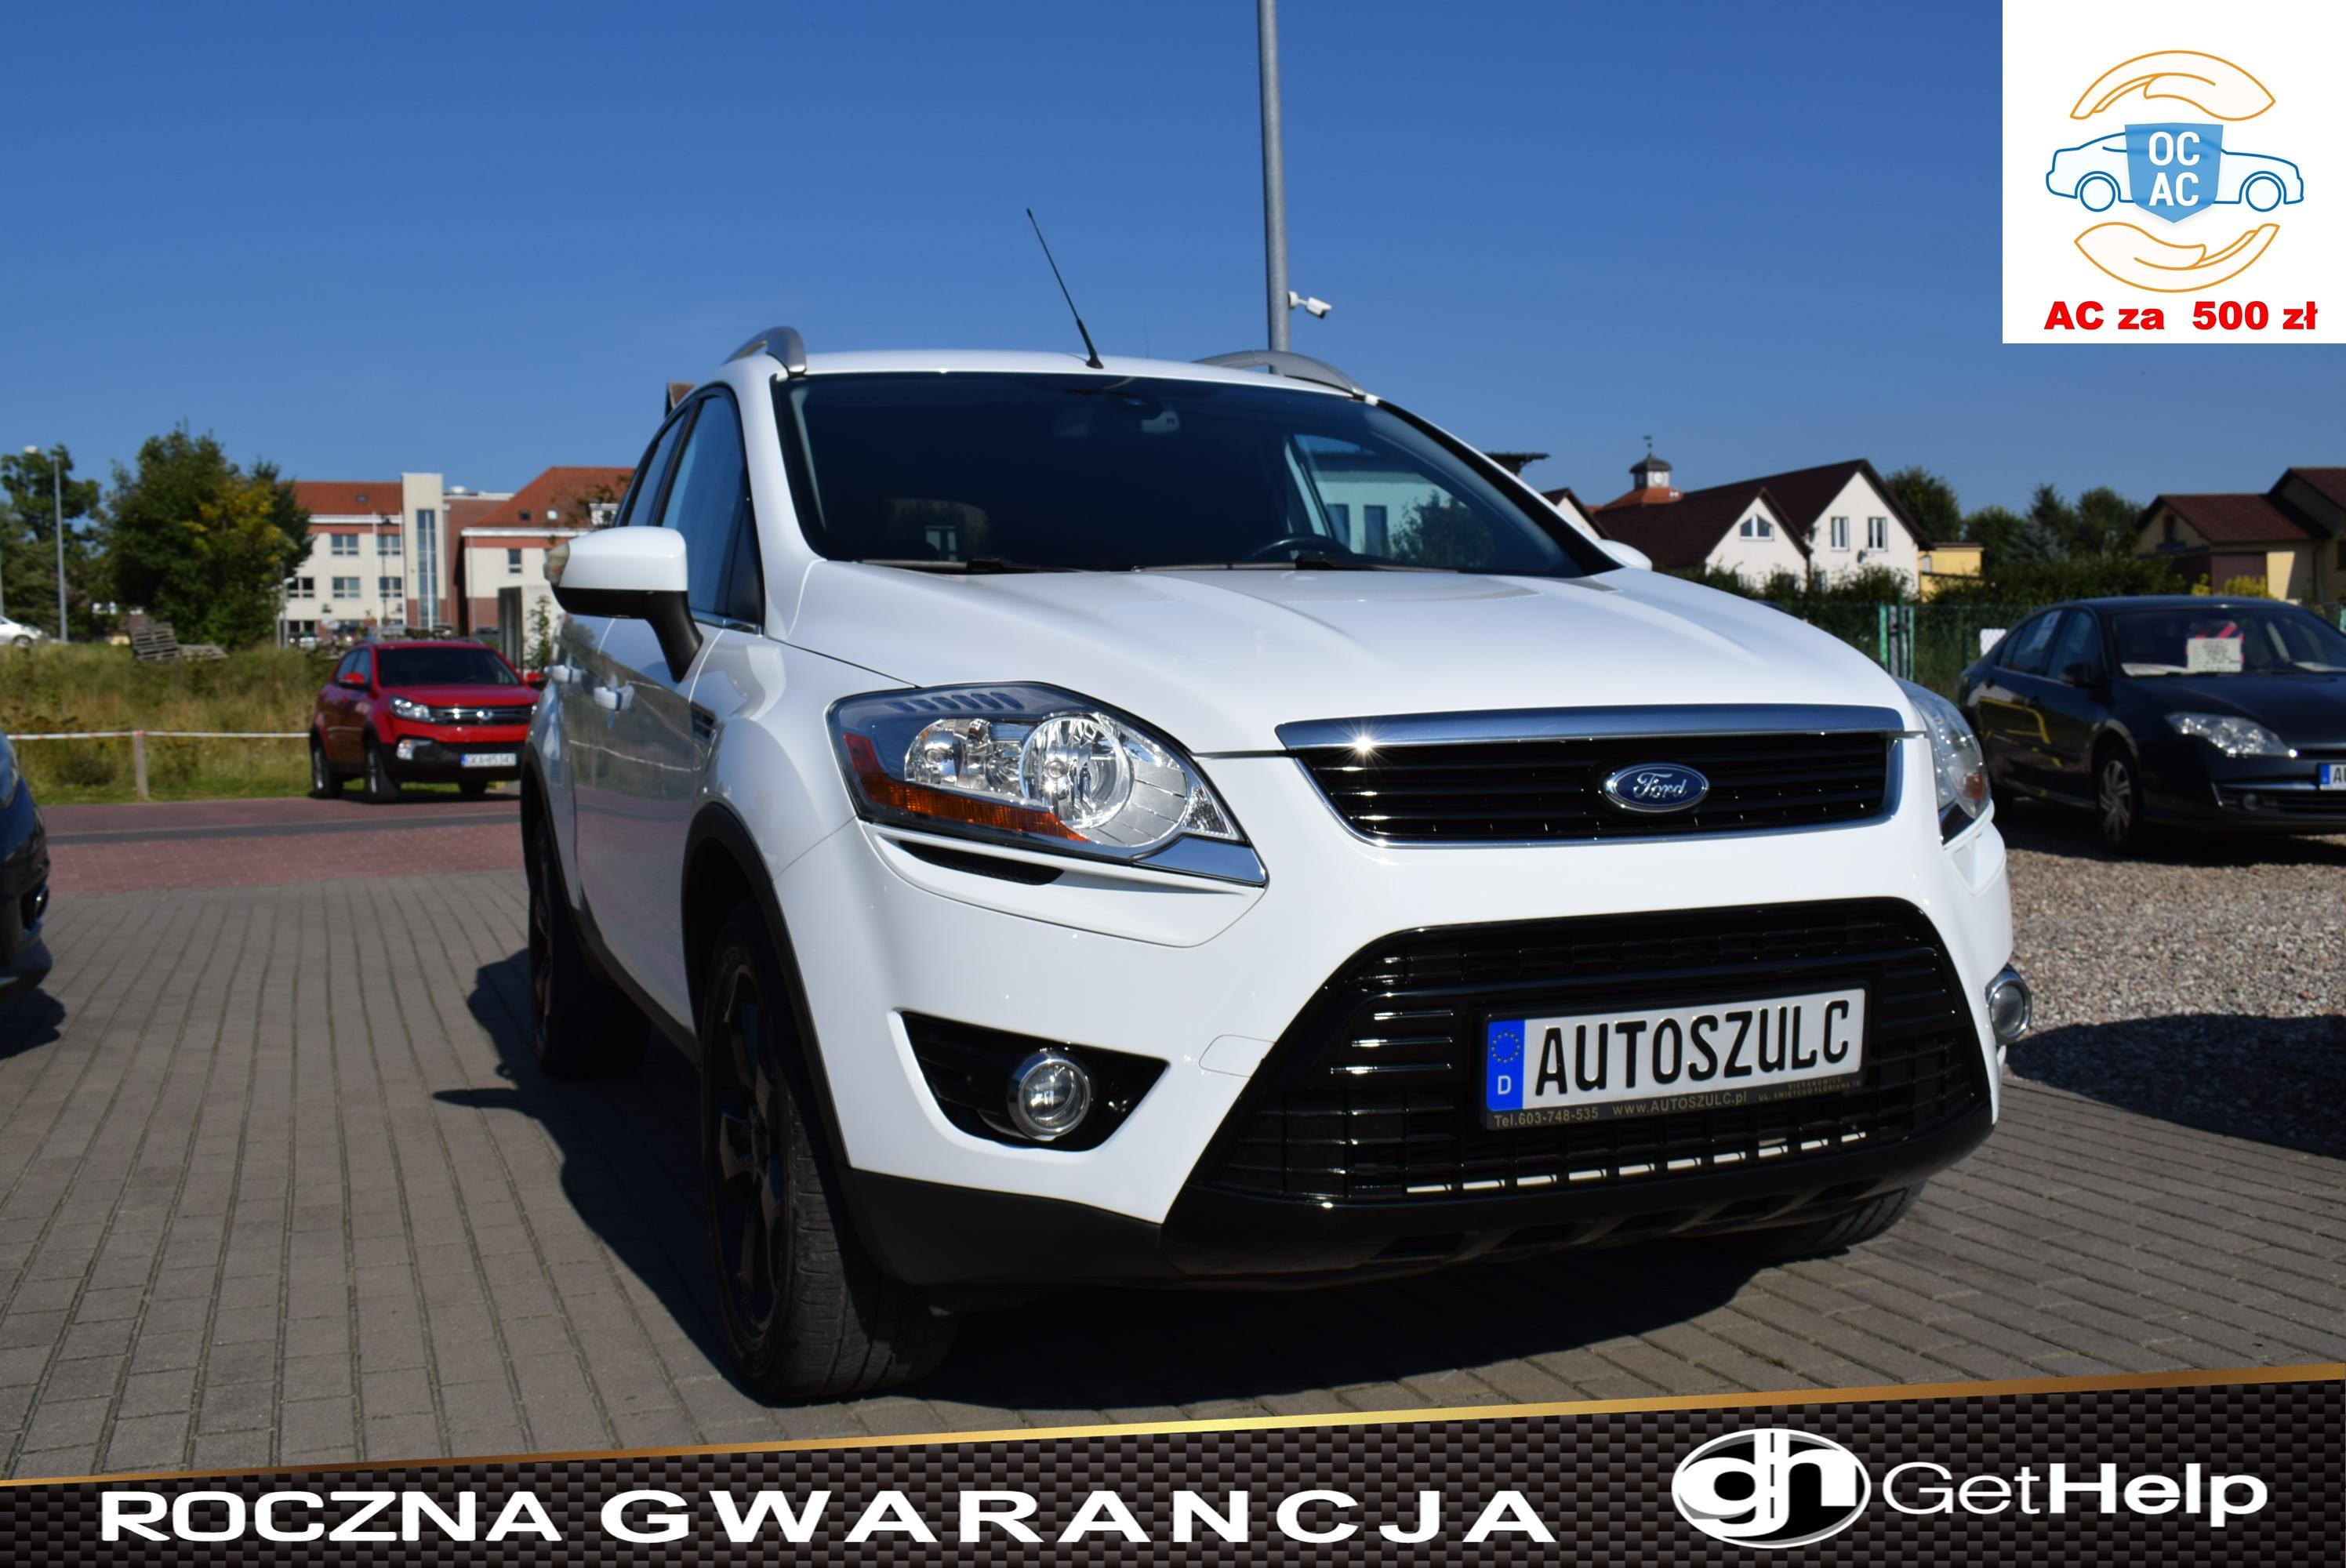 Ford Kuga 2.0 TDCI , Titanium, Sprowadzony, Elegancki, Biała Perła, Rok Gwarancji